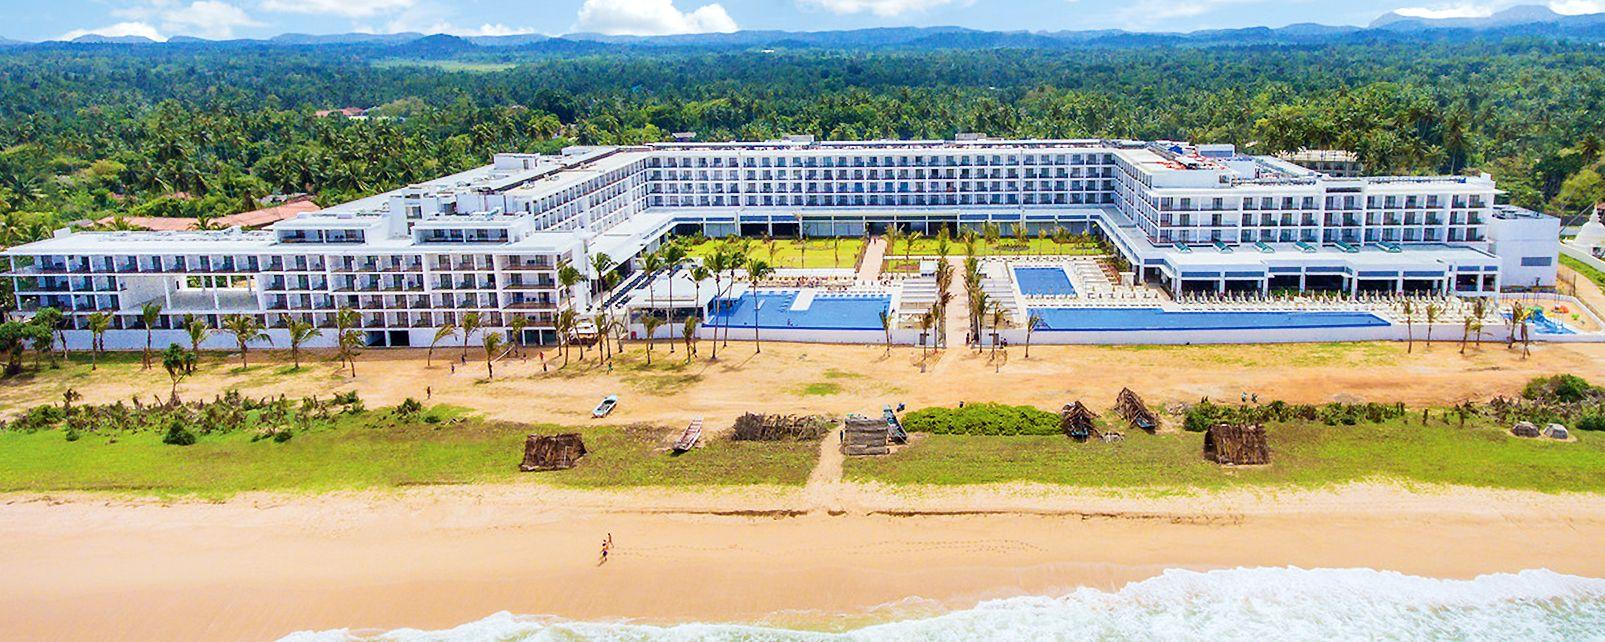 Hôtel Riu Sri Lanka